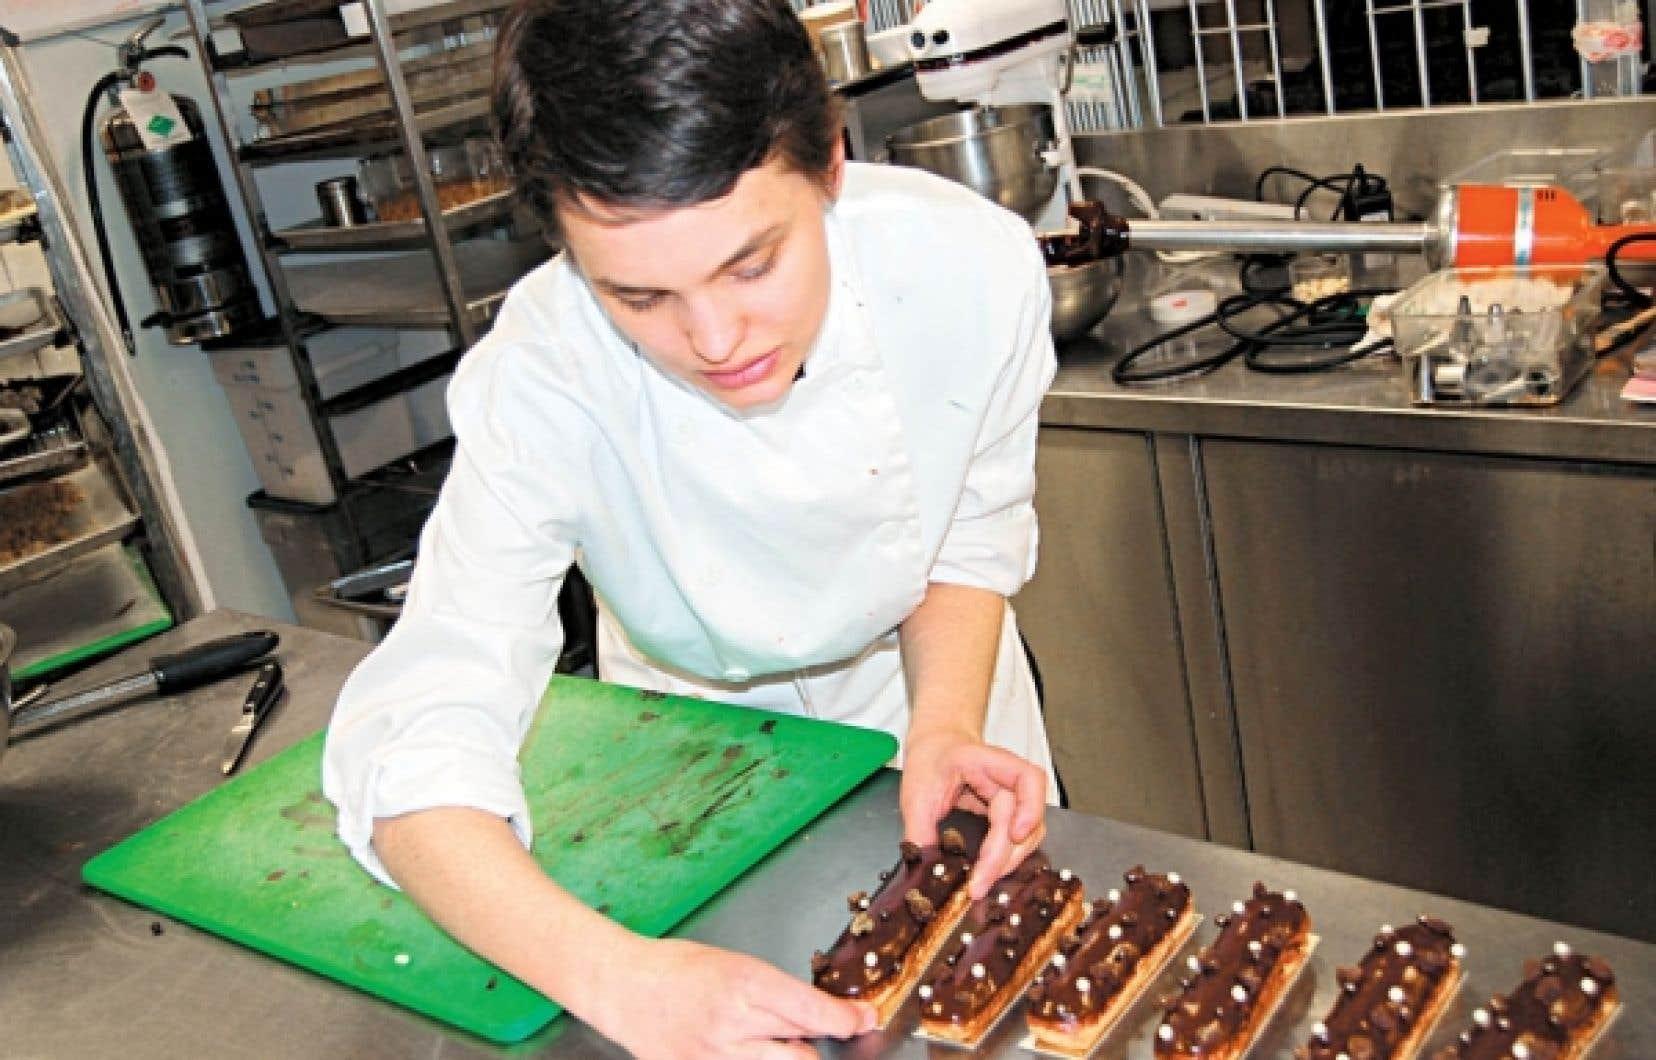 Naomi Wahl, de l'hôtel Sofitel, de Montréal a revisité le millefeuille à partir d'une pâte feuilletée inversée caramélisée.<br />